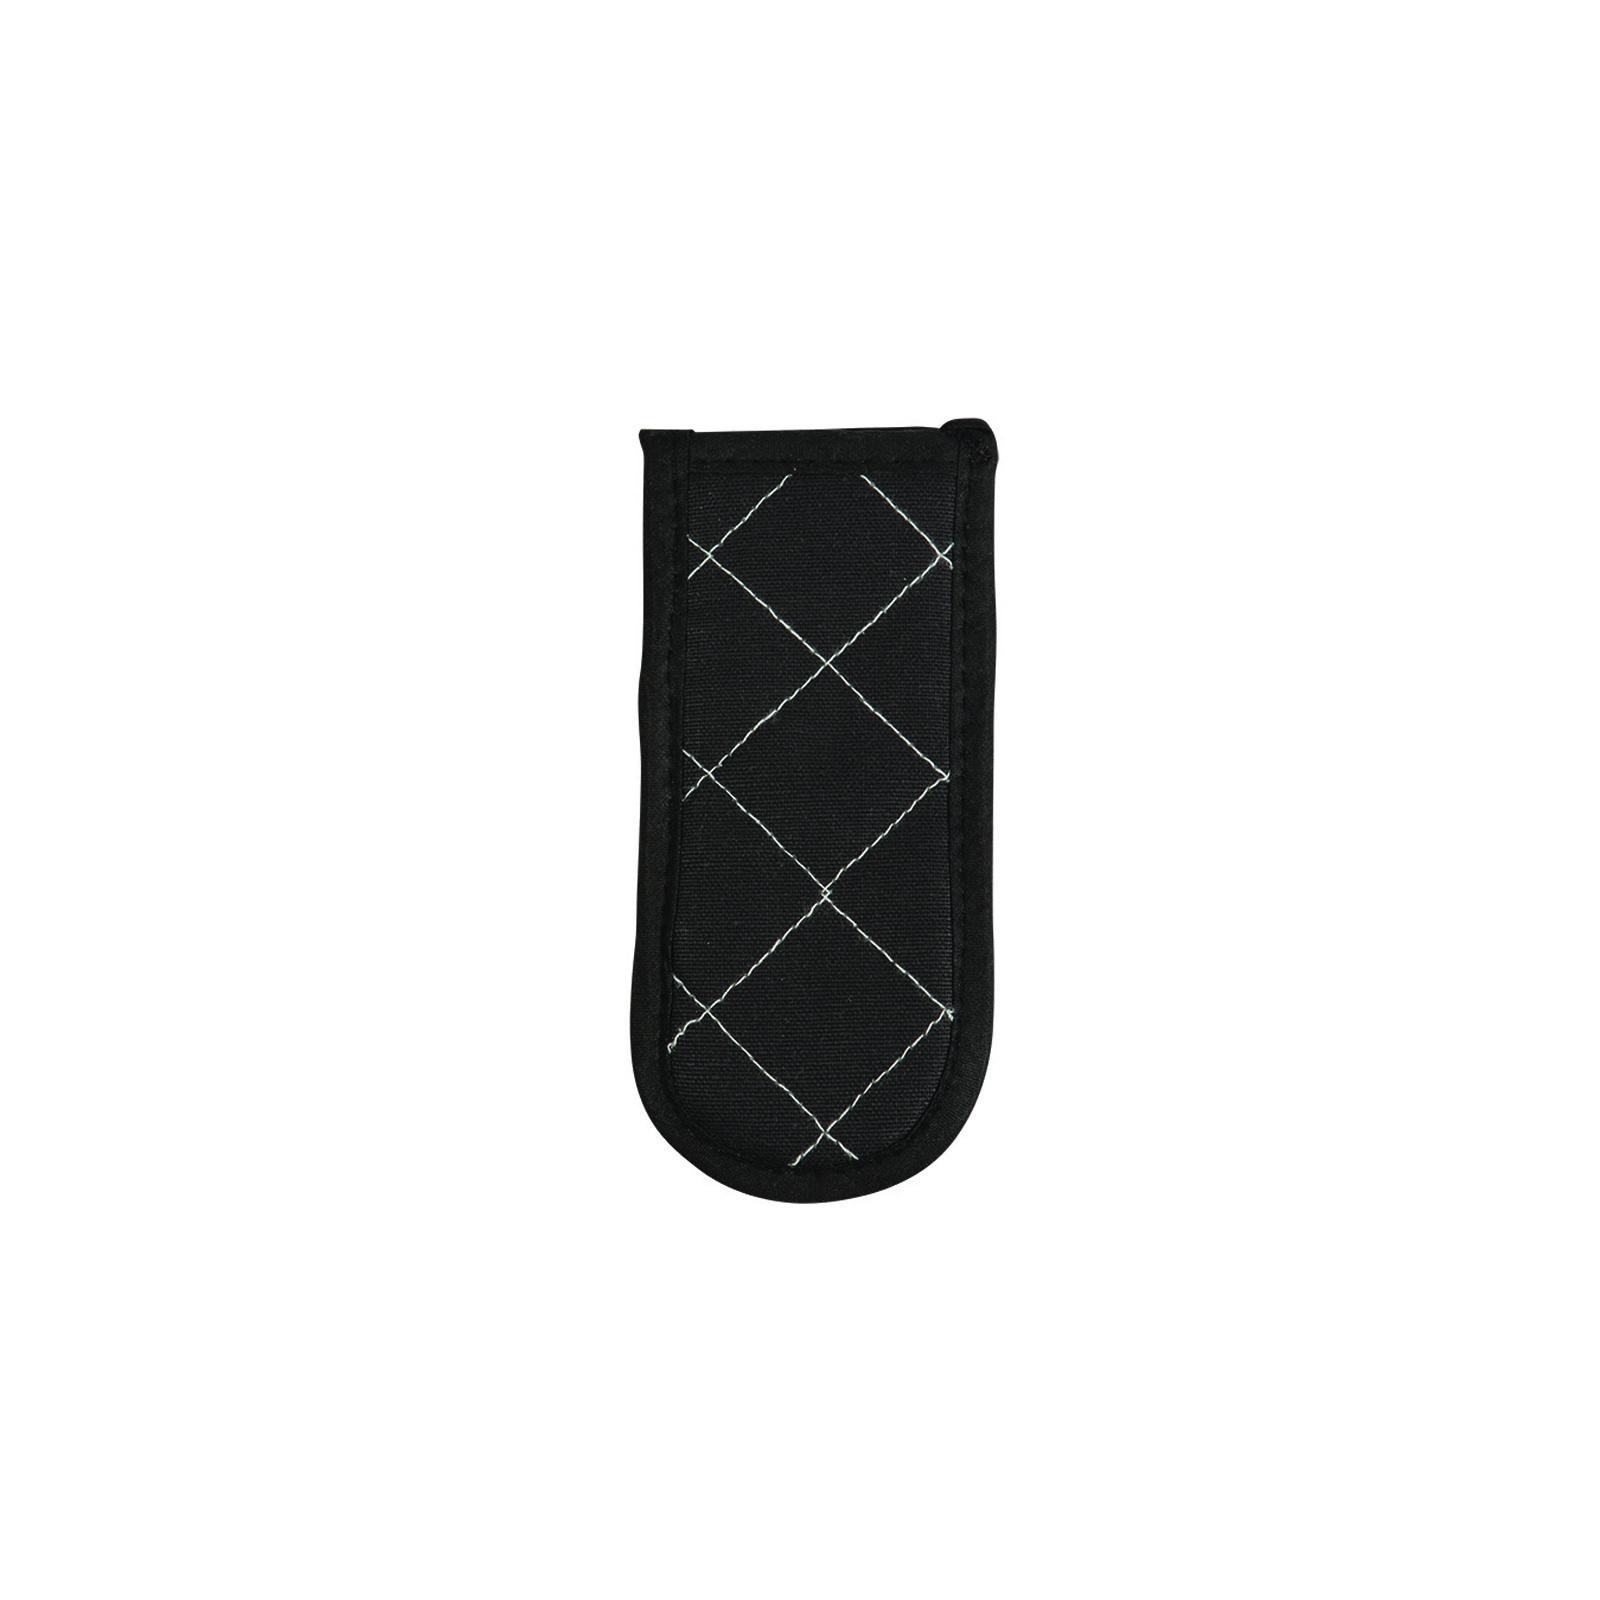 San Jamar 804BG-BK pot & pan handle cover